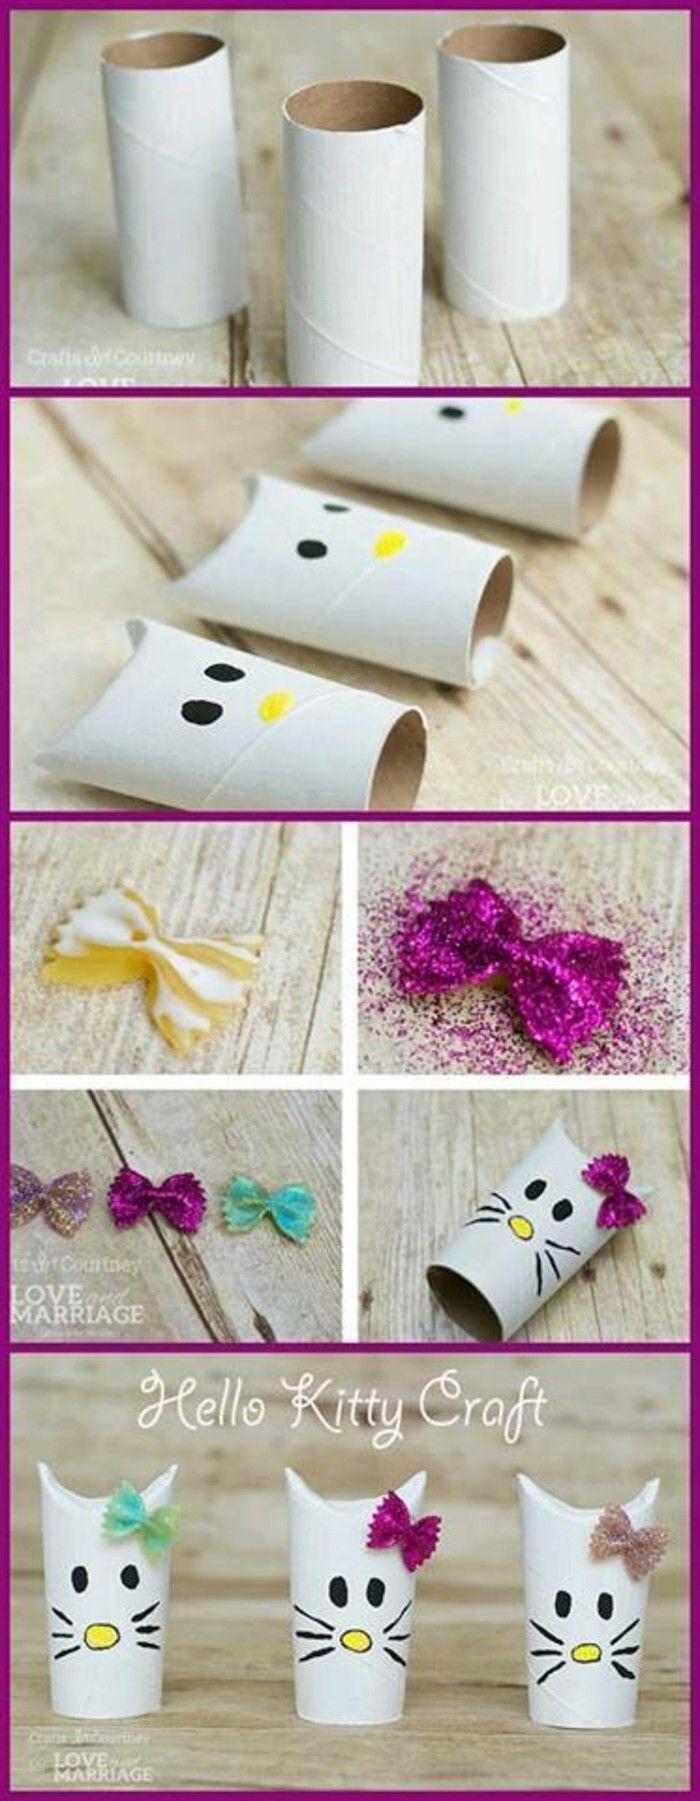 basteln mit klopapierrollen diy ideen deko ideen basteln mit kindern helo kitty